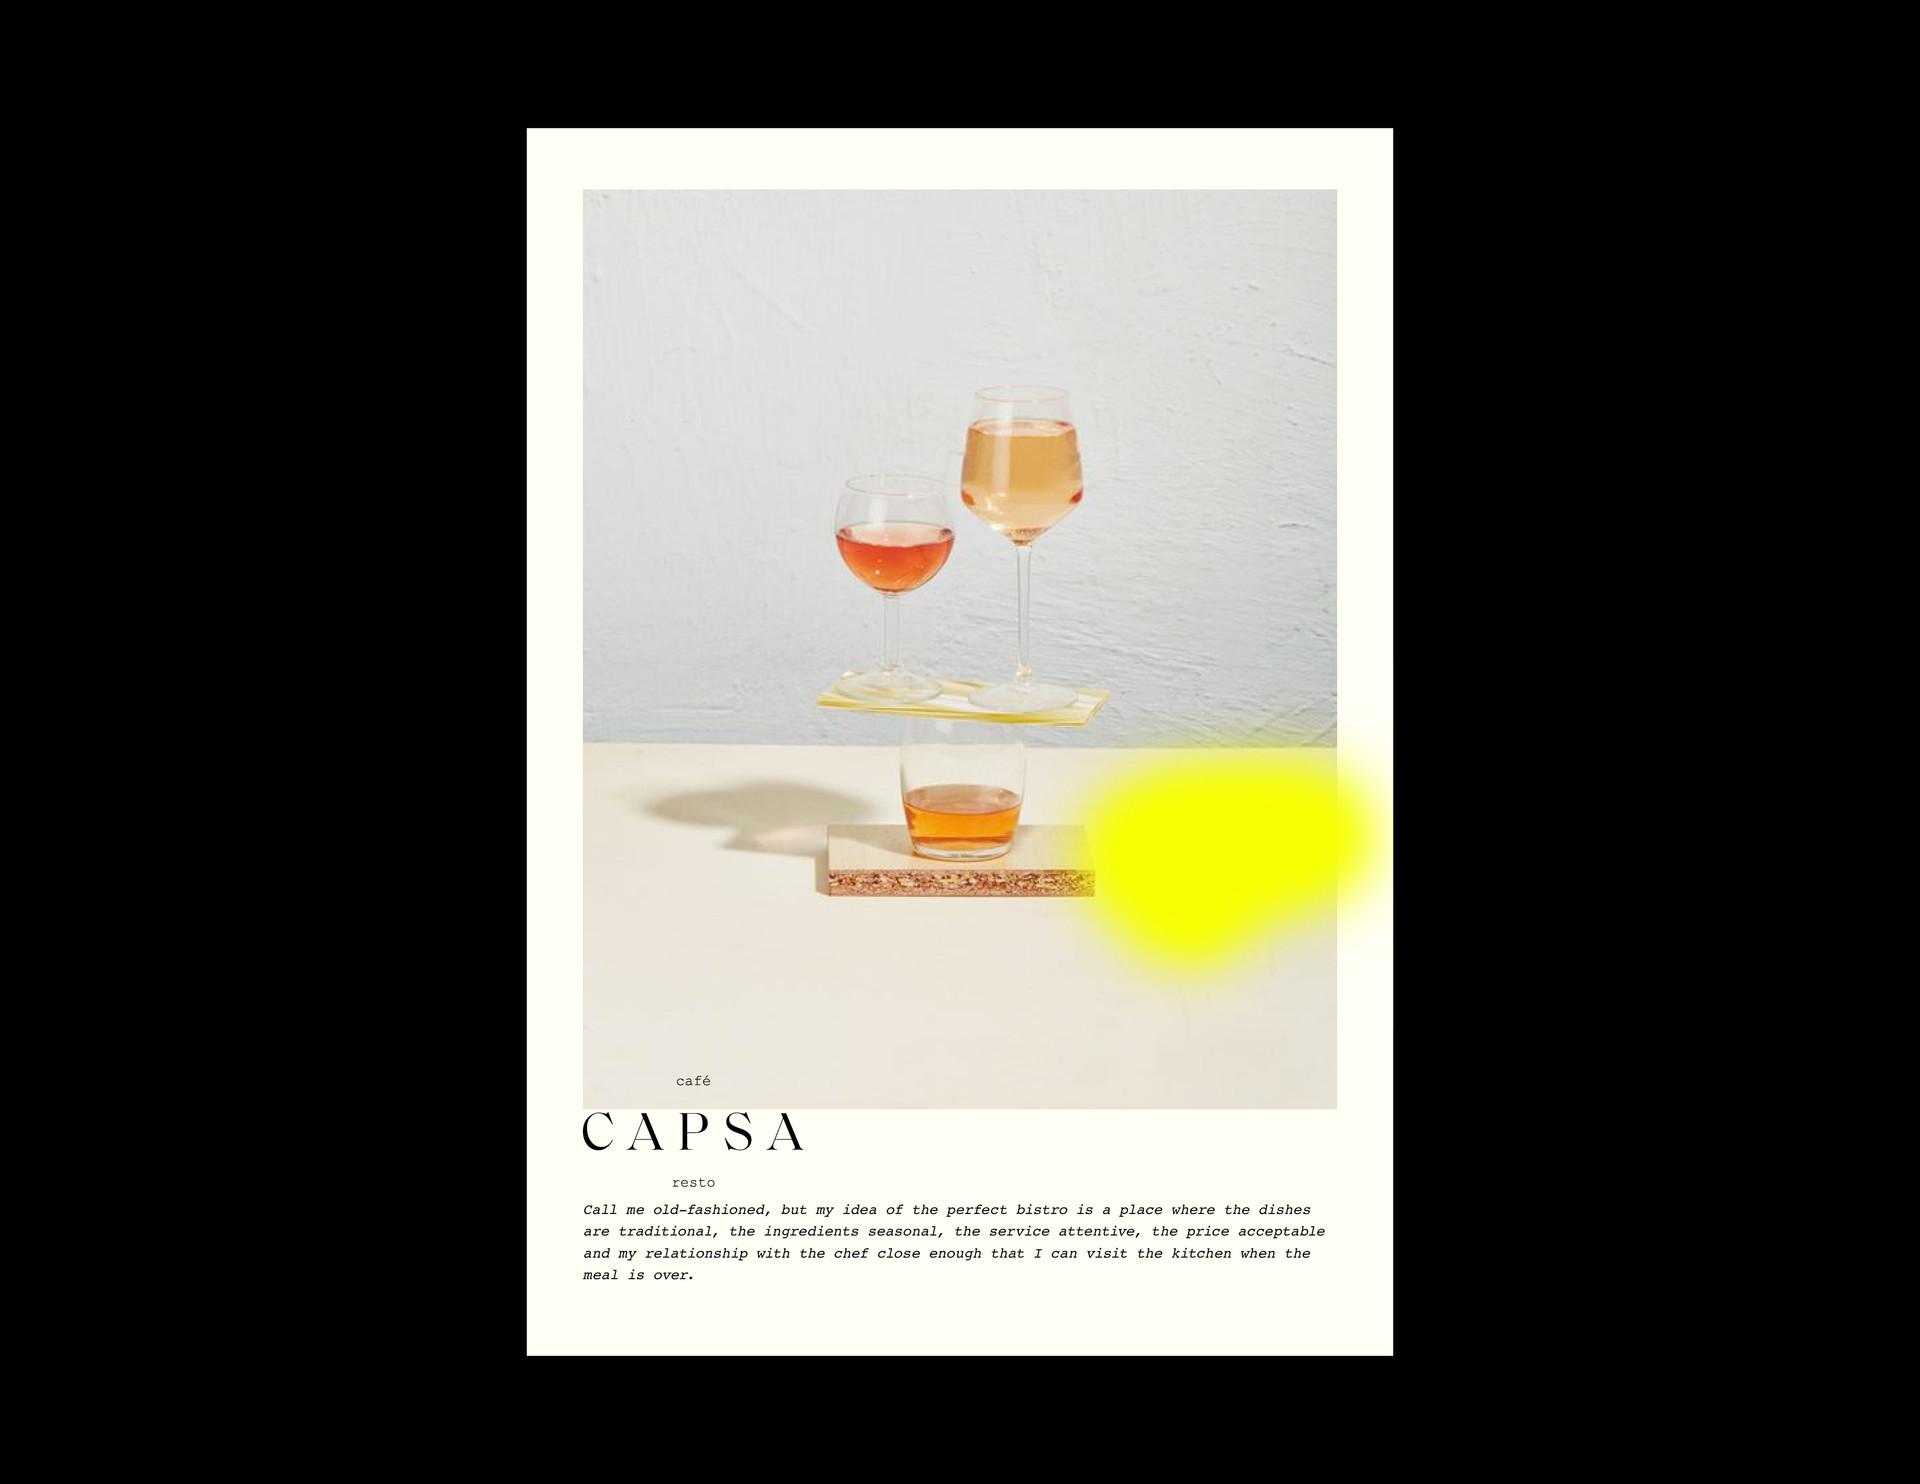 Capsa_Café_224.jpg